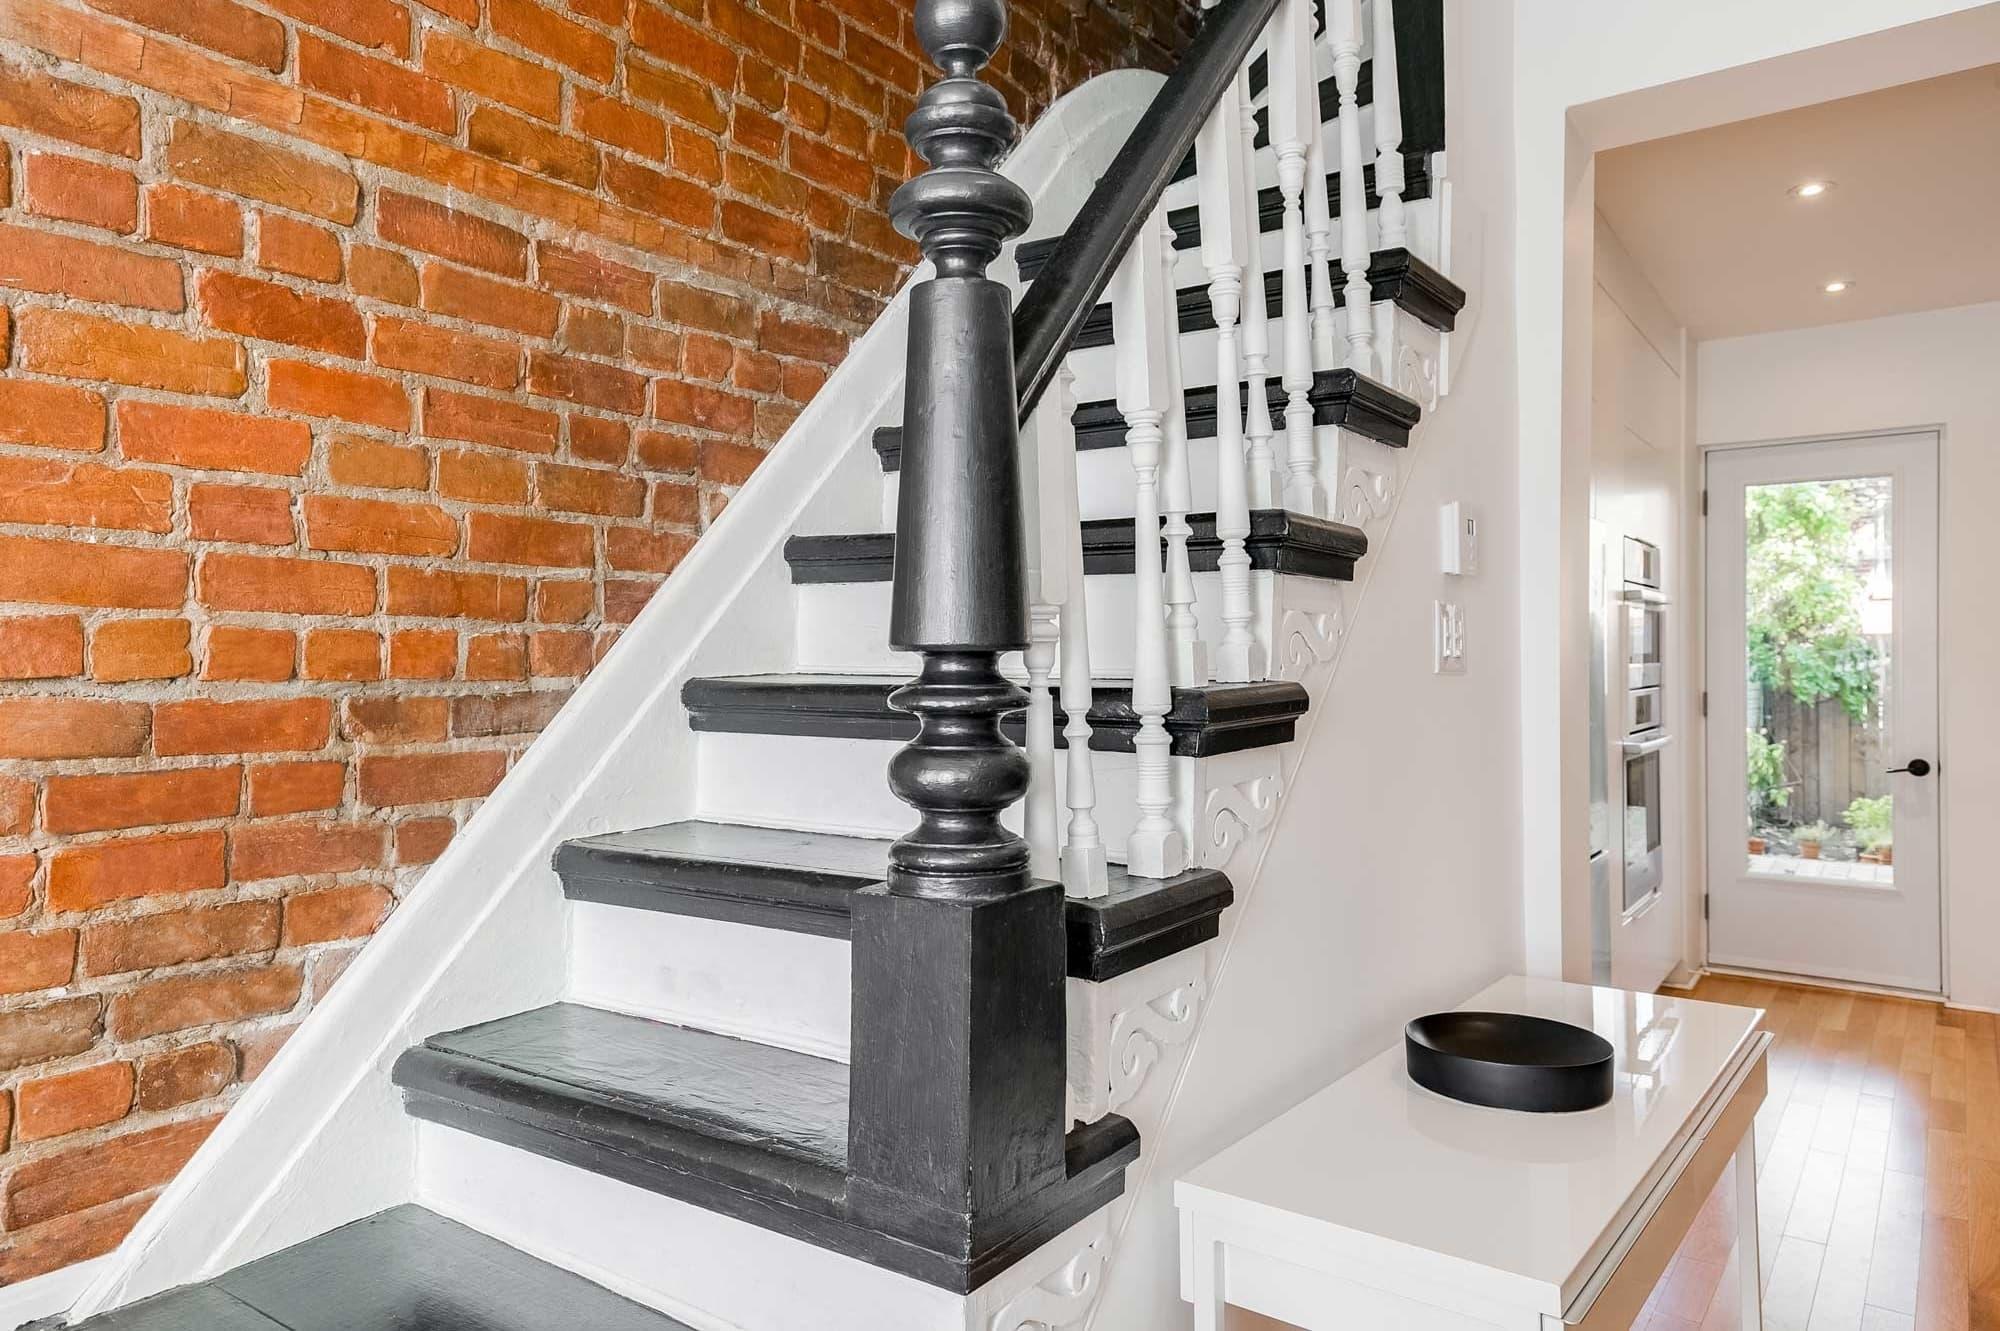 escalier intérieur en bois avec marches, rampes et poutres noires + contre-marches blanches et mur en brique